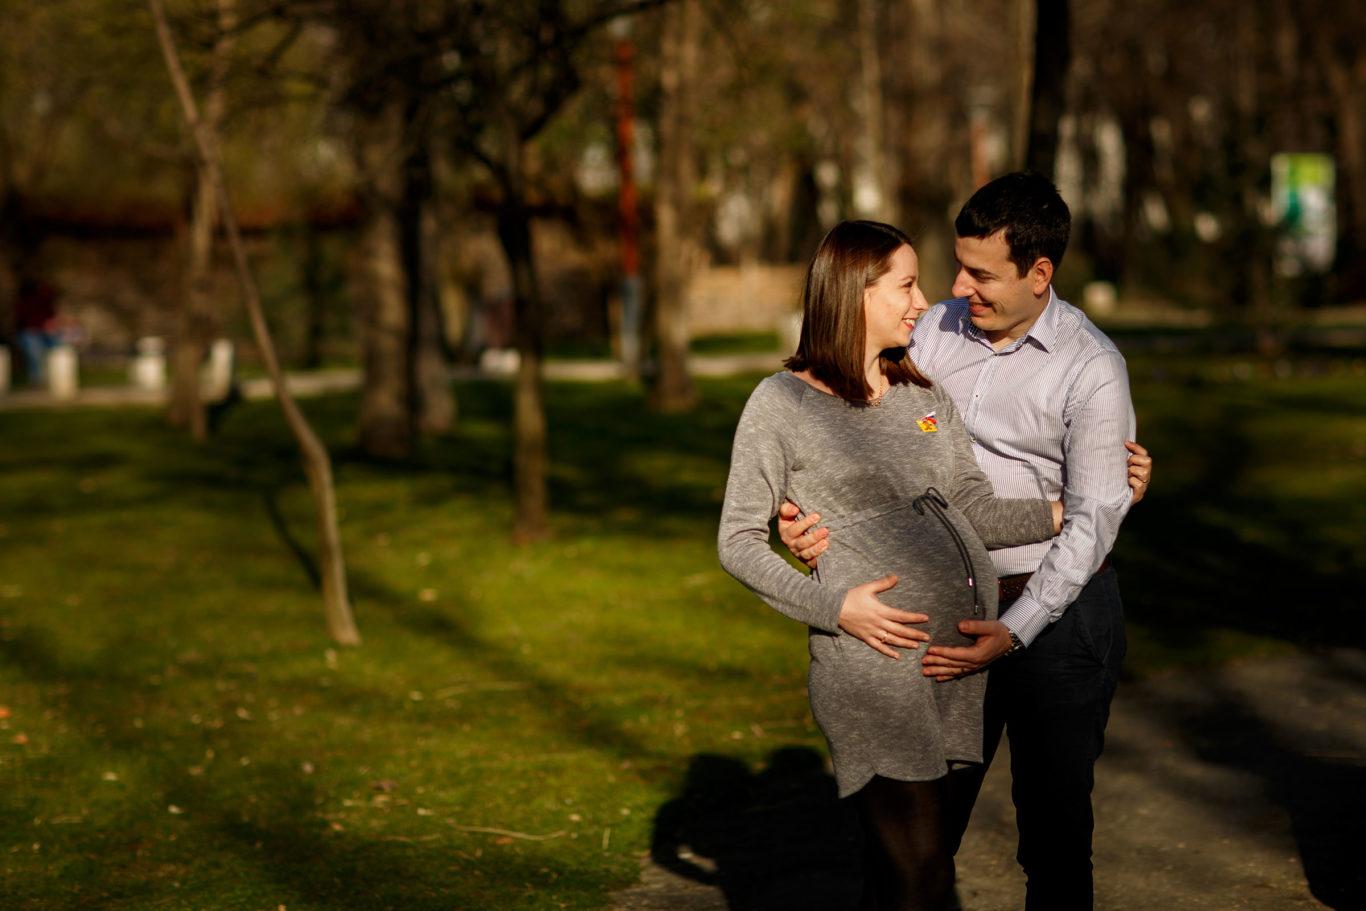 0025-Fotografii-maternitate-Cristina-fotograf-Ciprian-Dumitrescu-DCF_7605